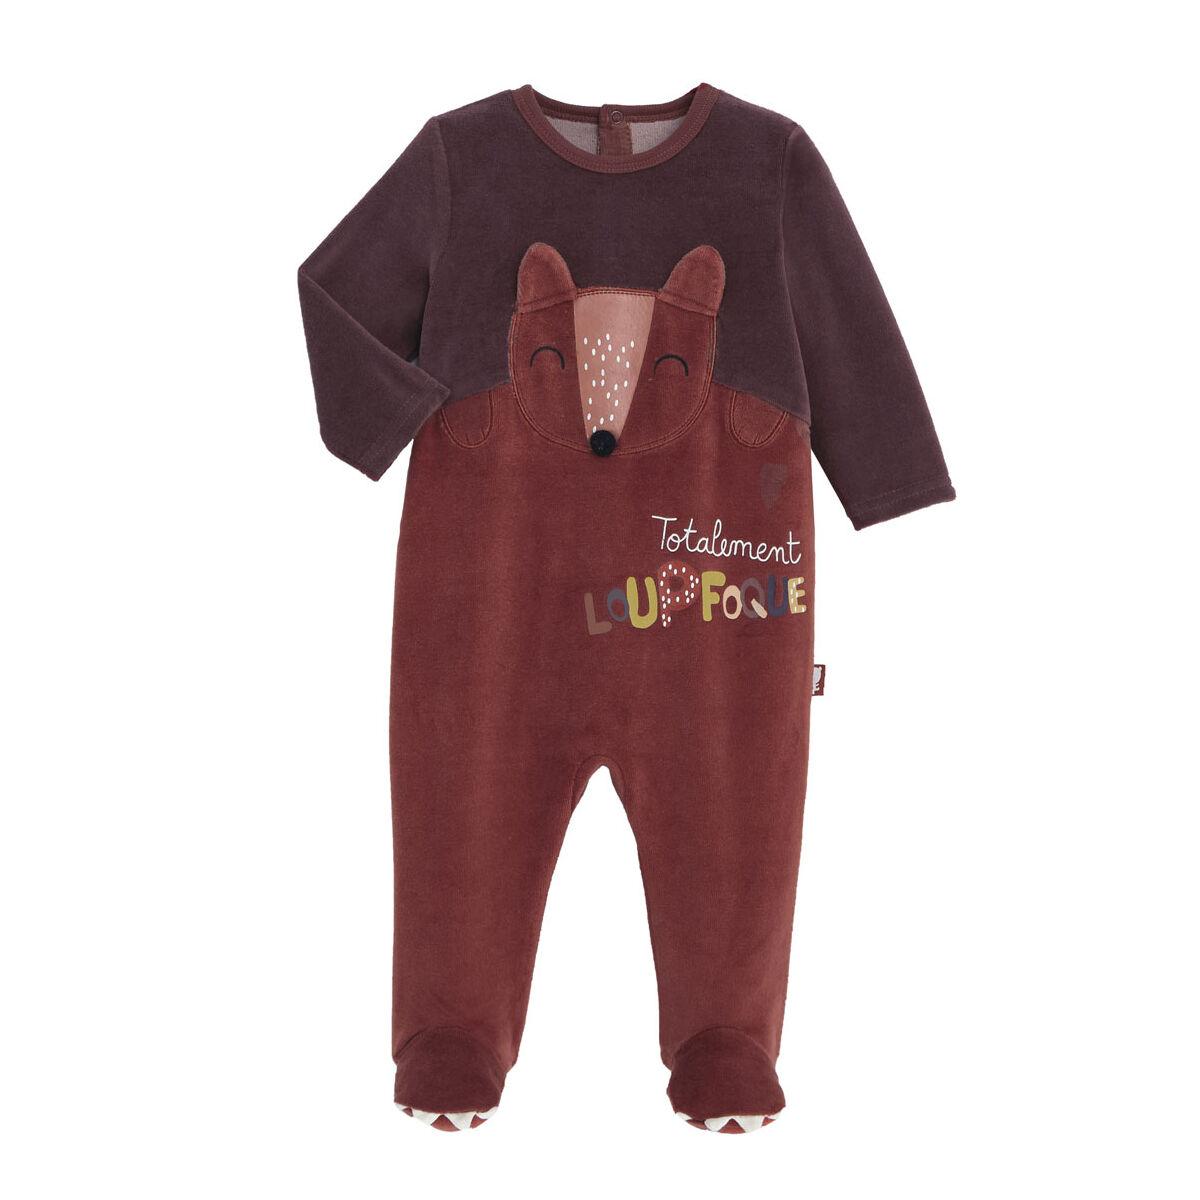 Petit Béguin Pyjama bébé en velours contenant du coton bio Loupfoque - Taille - 6 mois